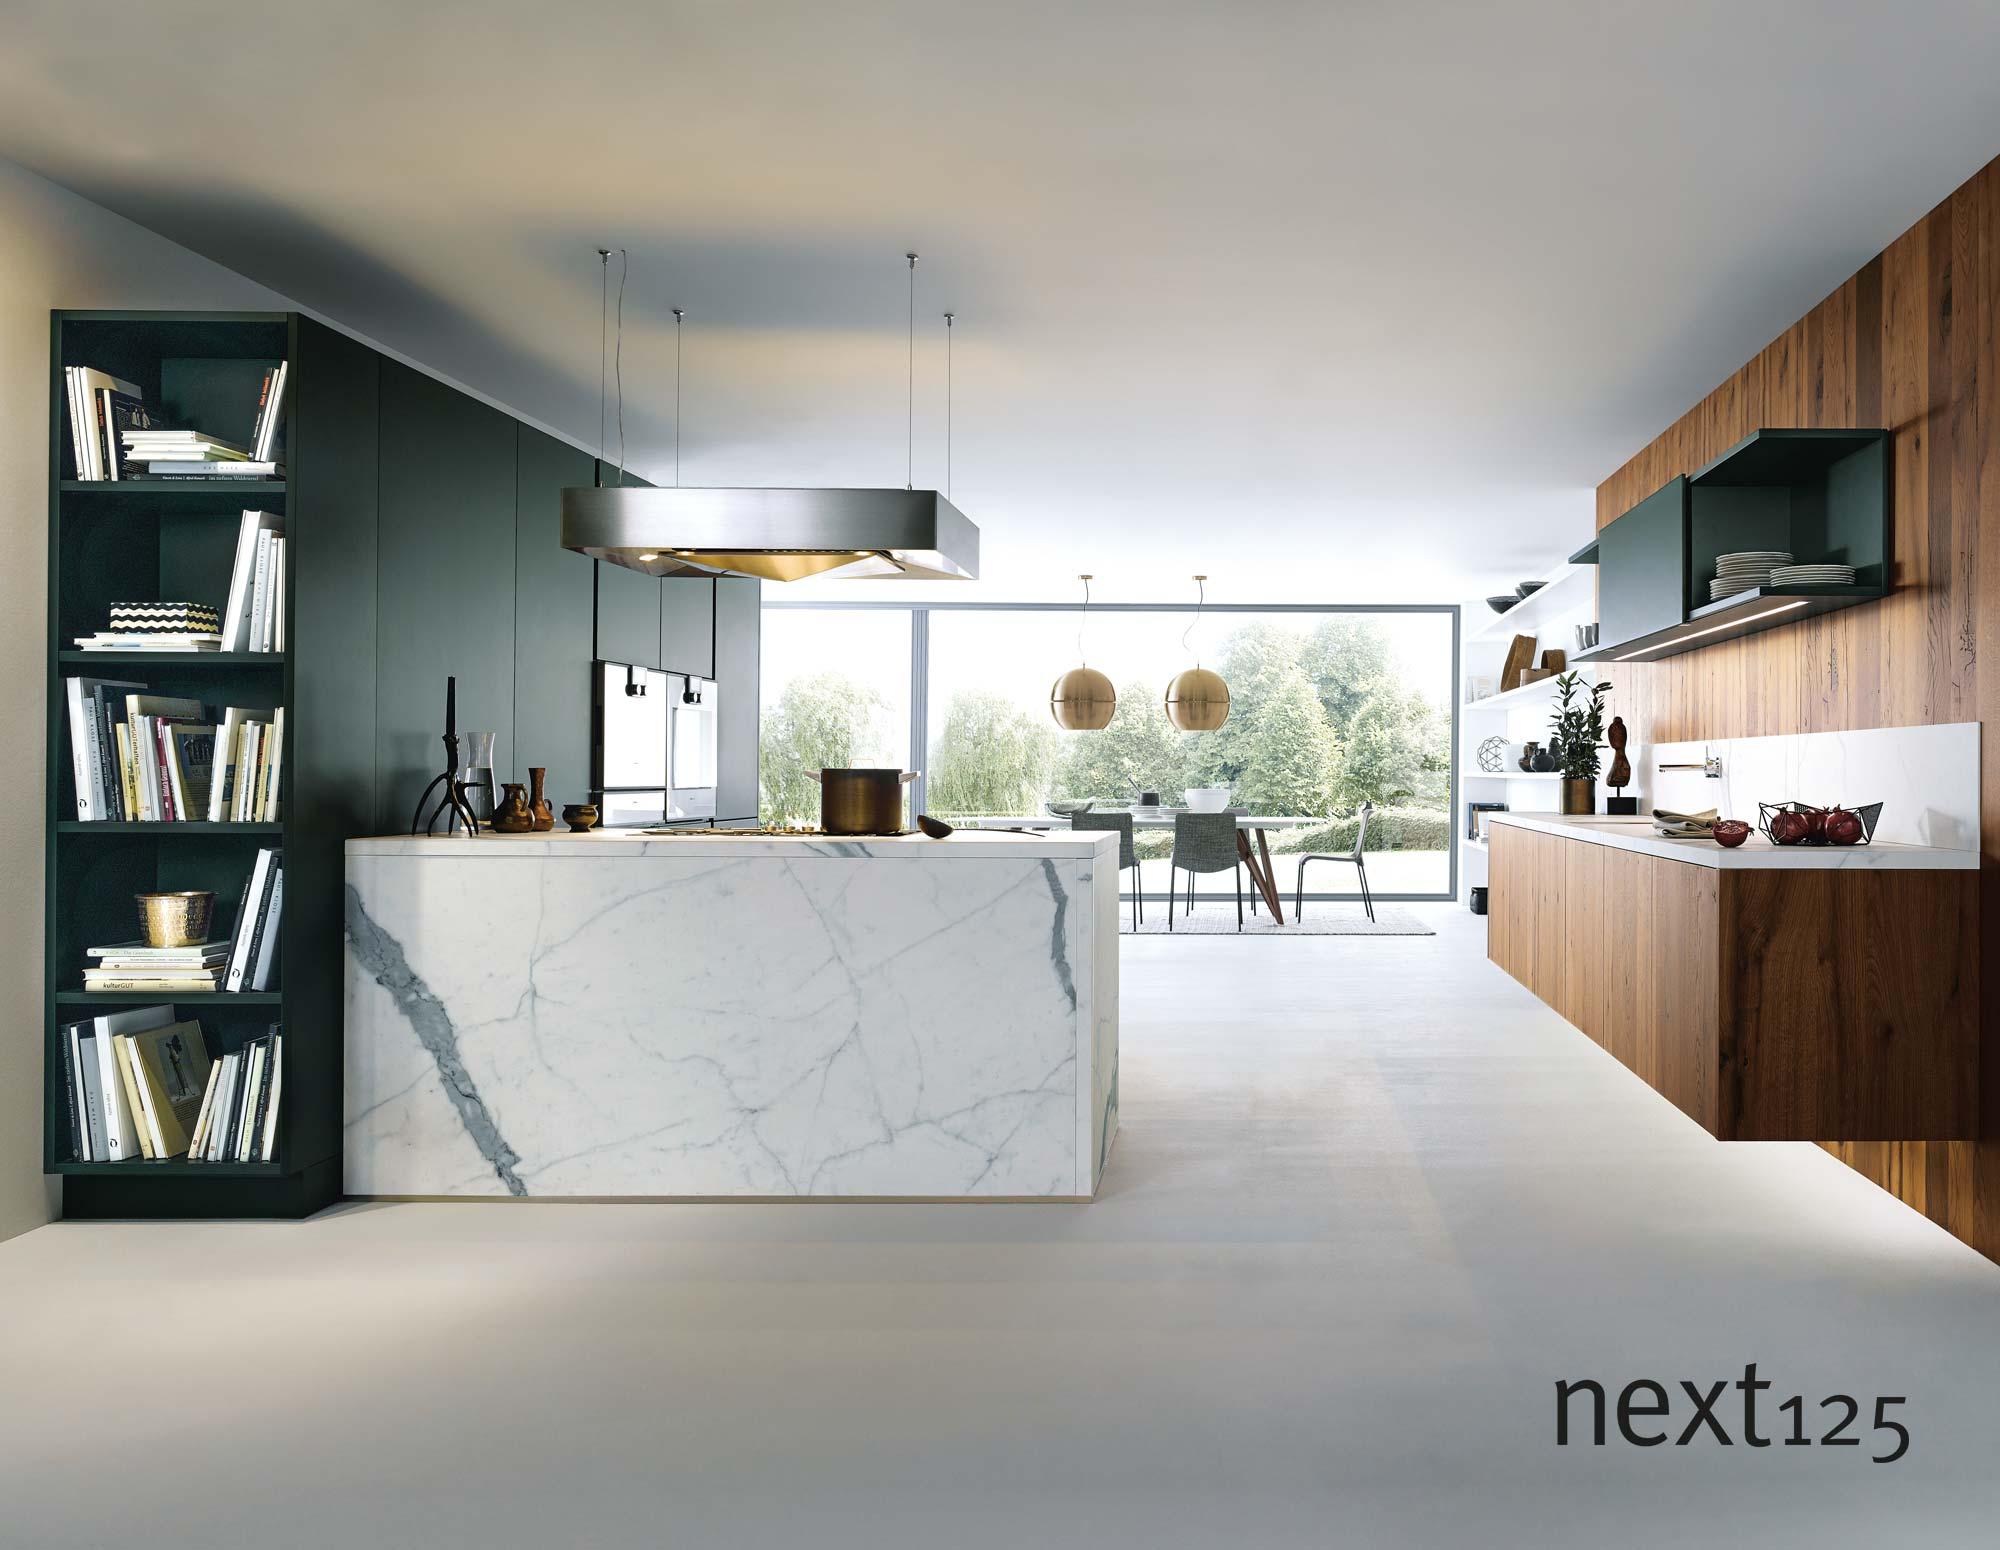 next125 Küche Satinlack-Front nx500 in jaguargrün